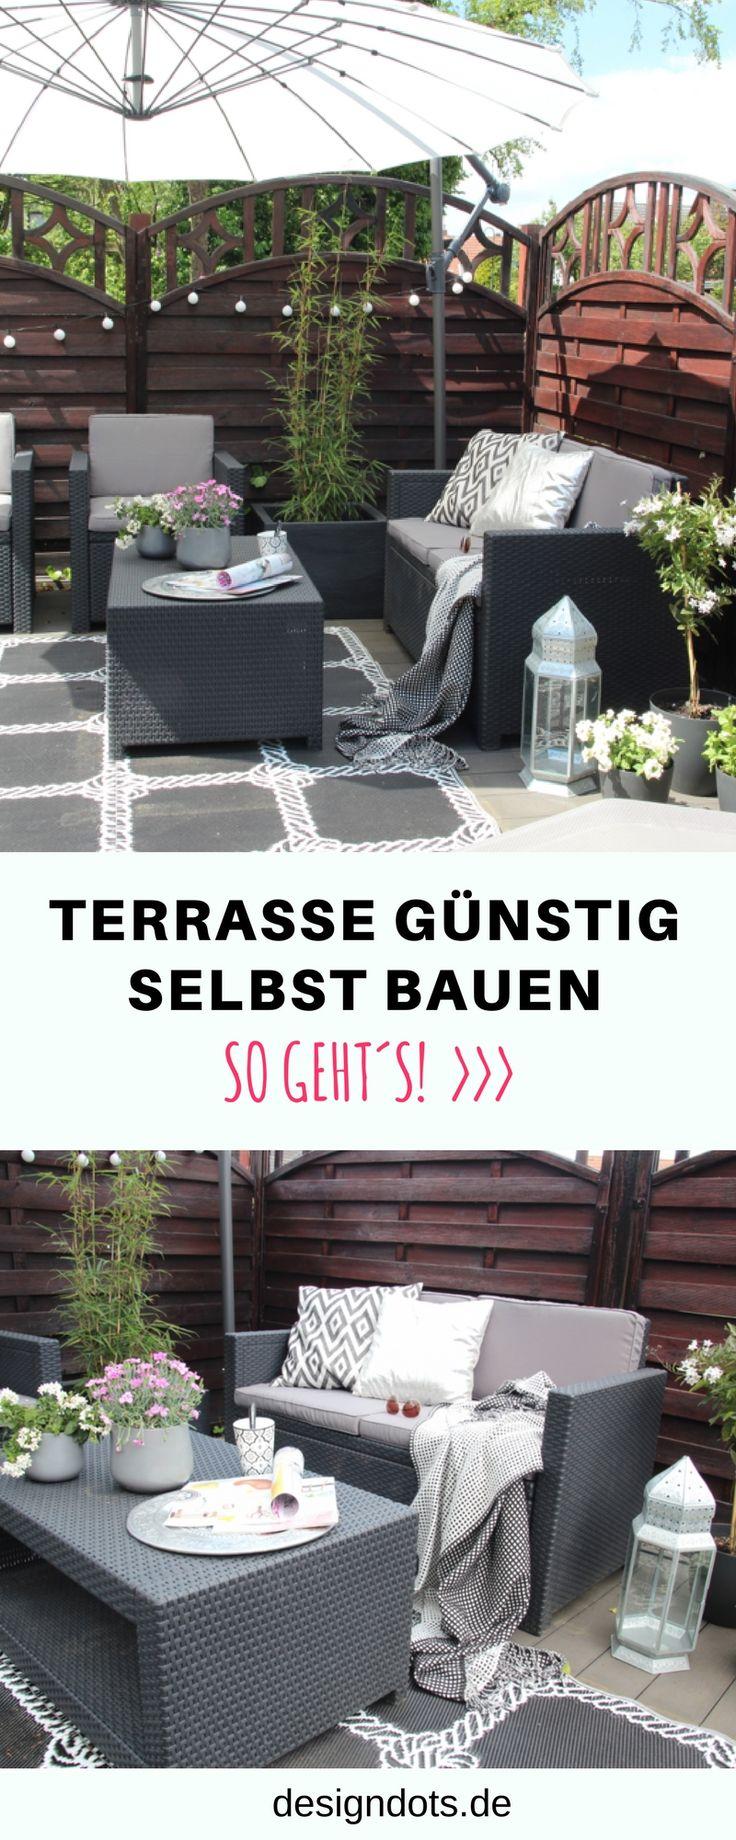 Unsere neue DIY Terrasse – Theblondegirl